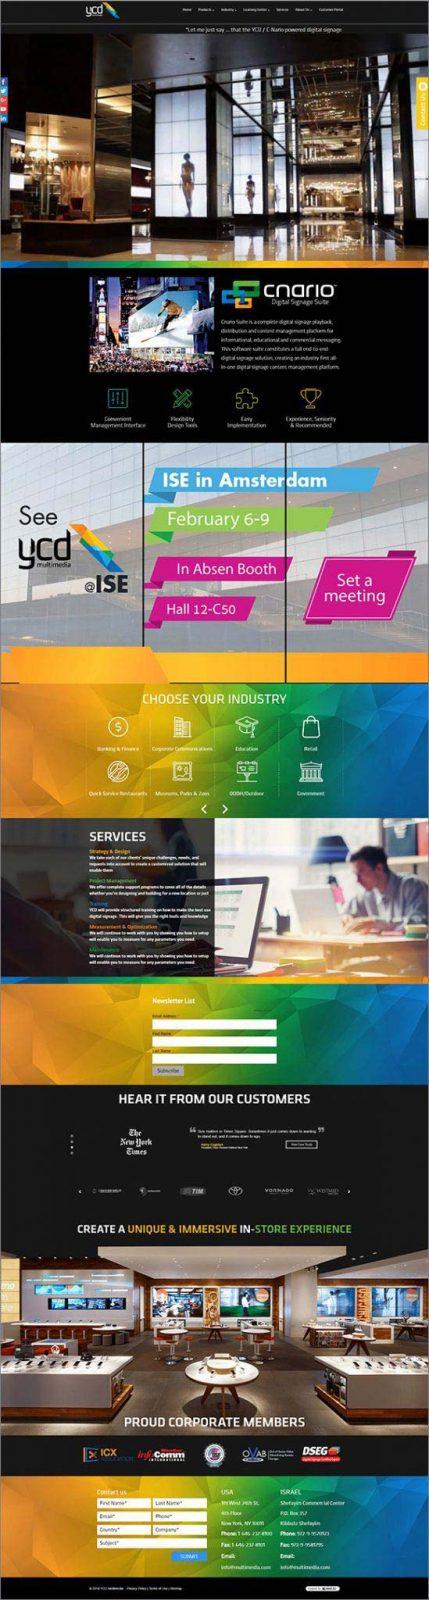 תכנות אתרים, ycd multimedia, עיצוב דפים פנימיים